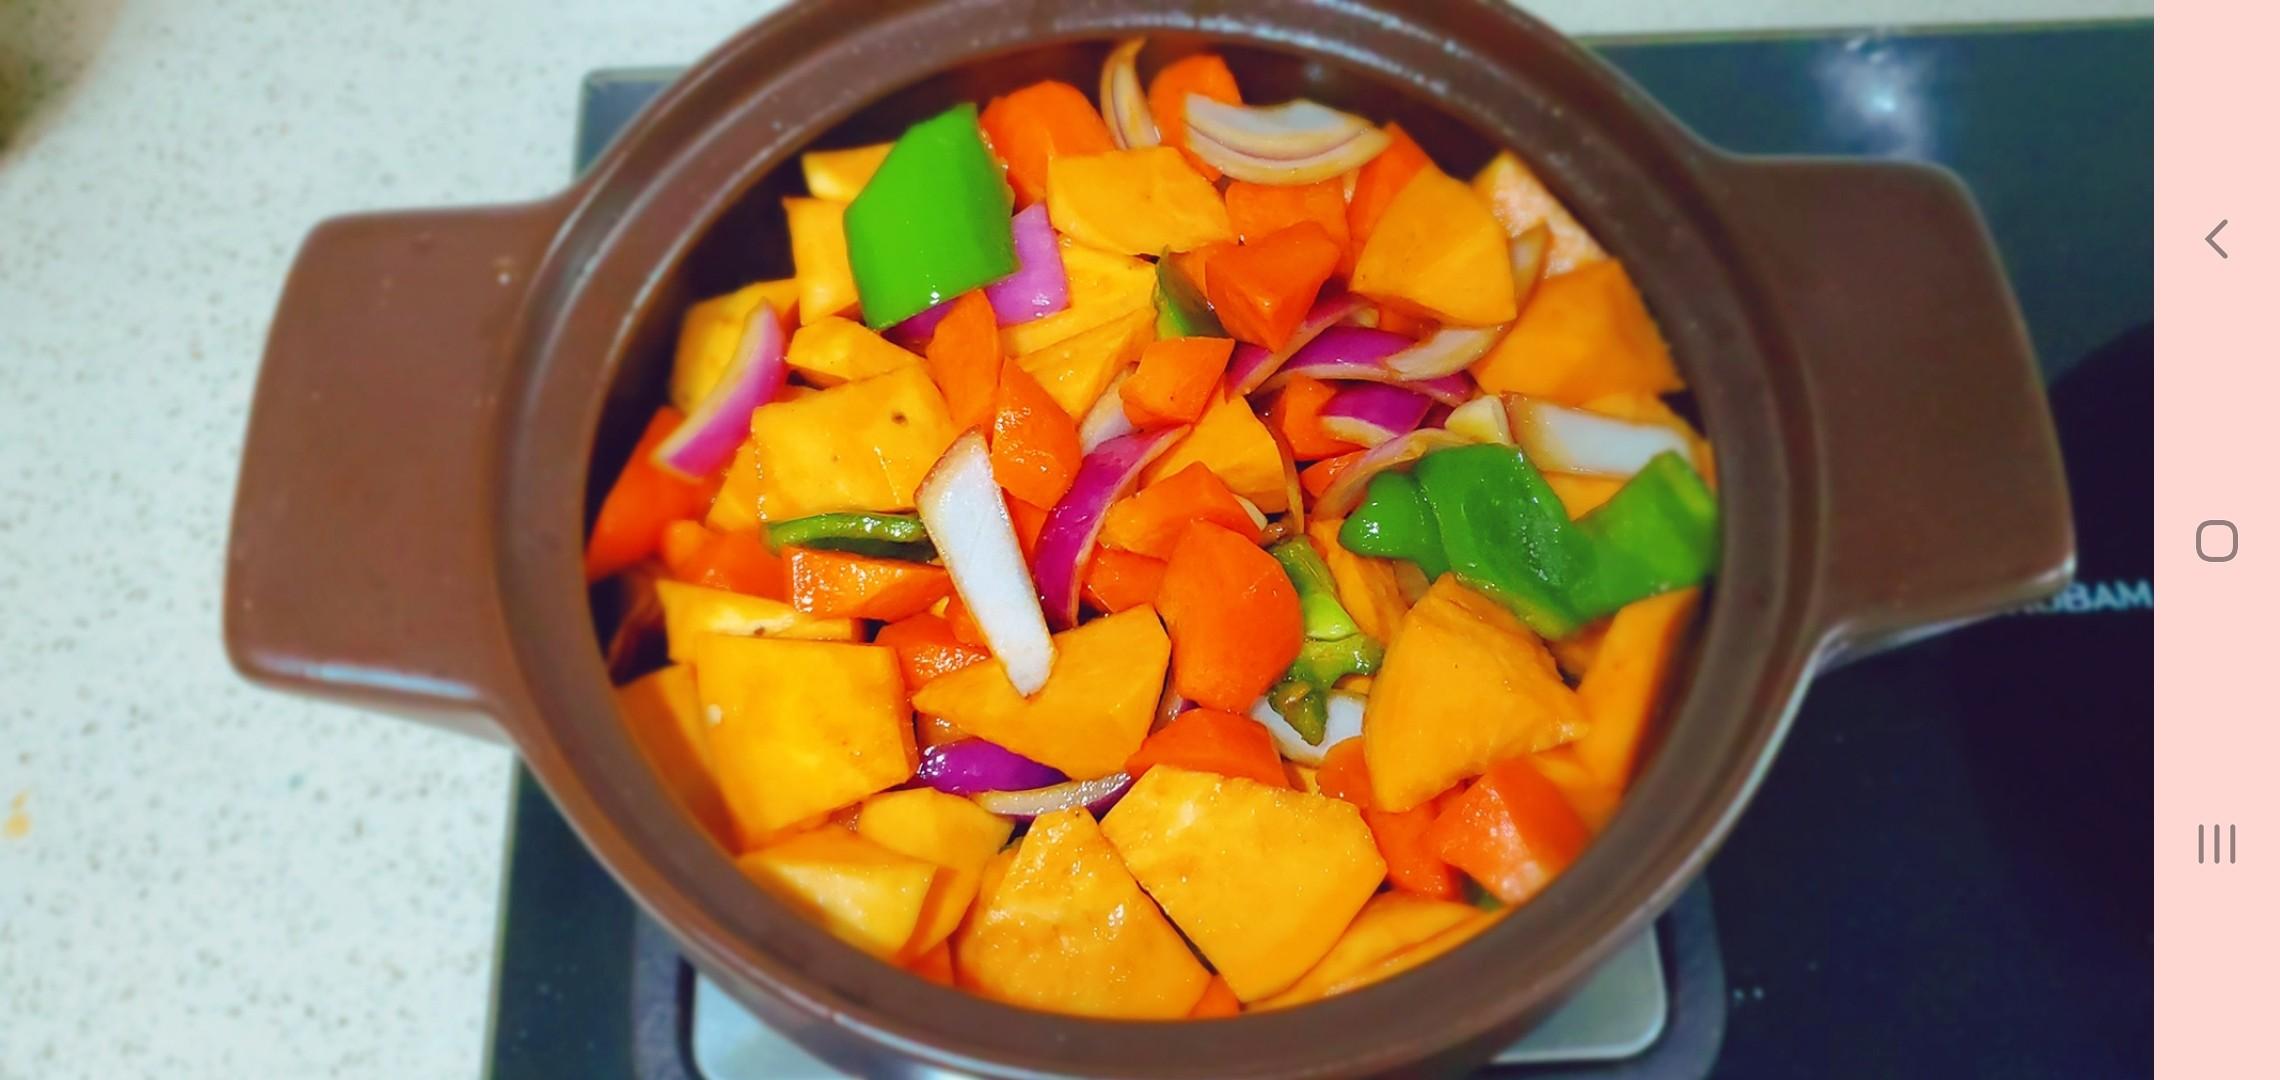 超下饭,堪比黄记煌的鸡腿焖锅的简单做法